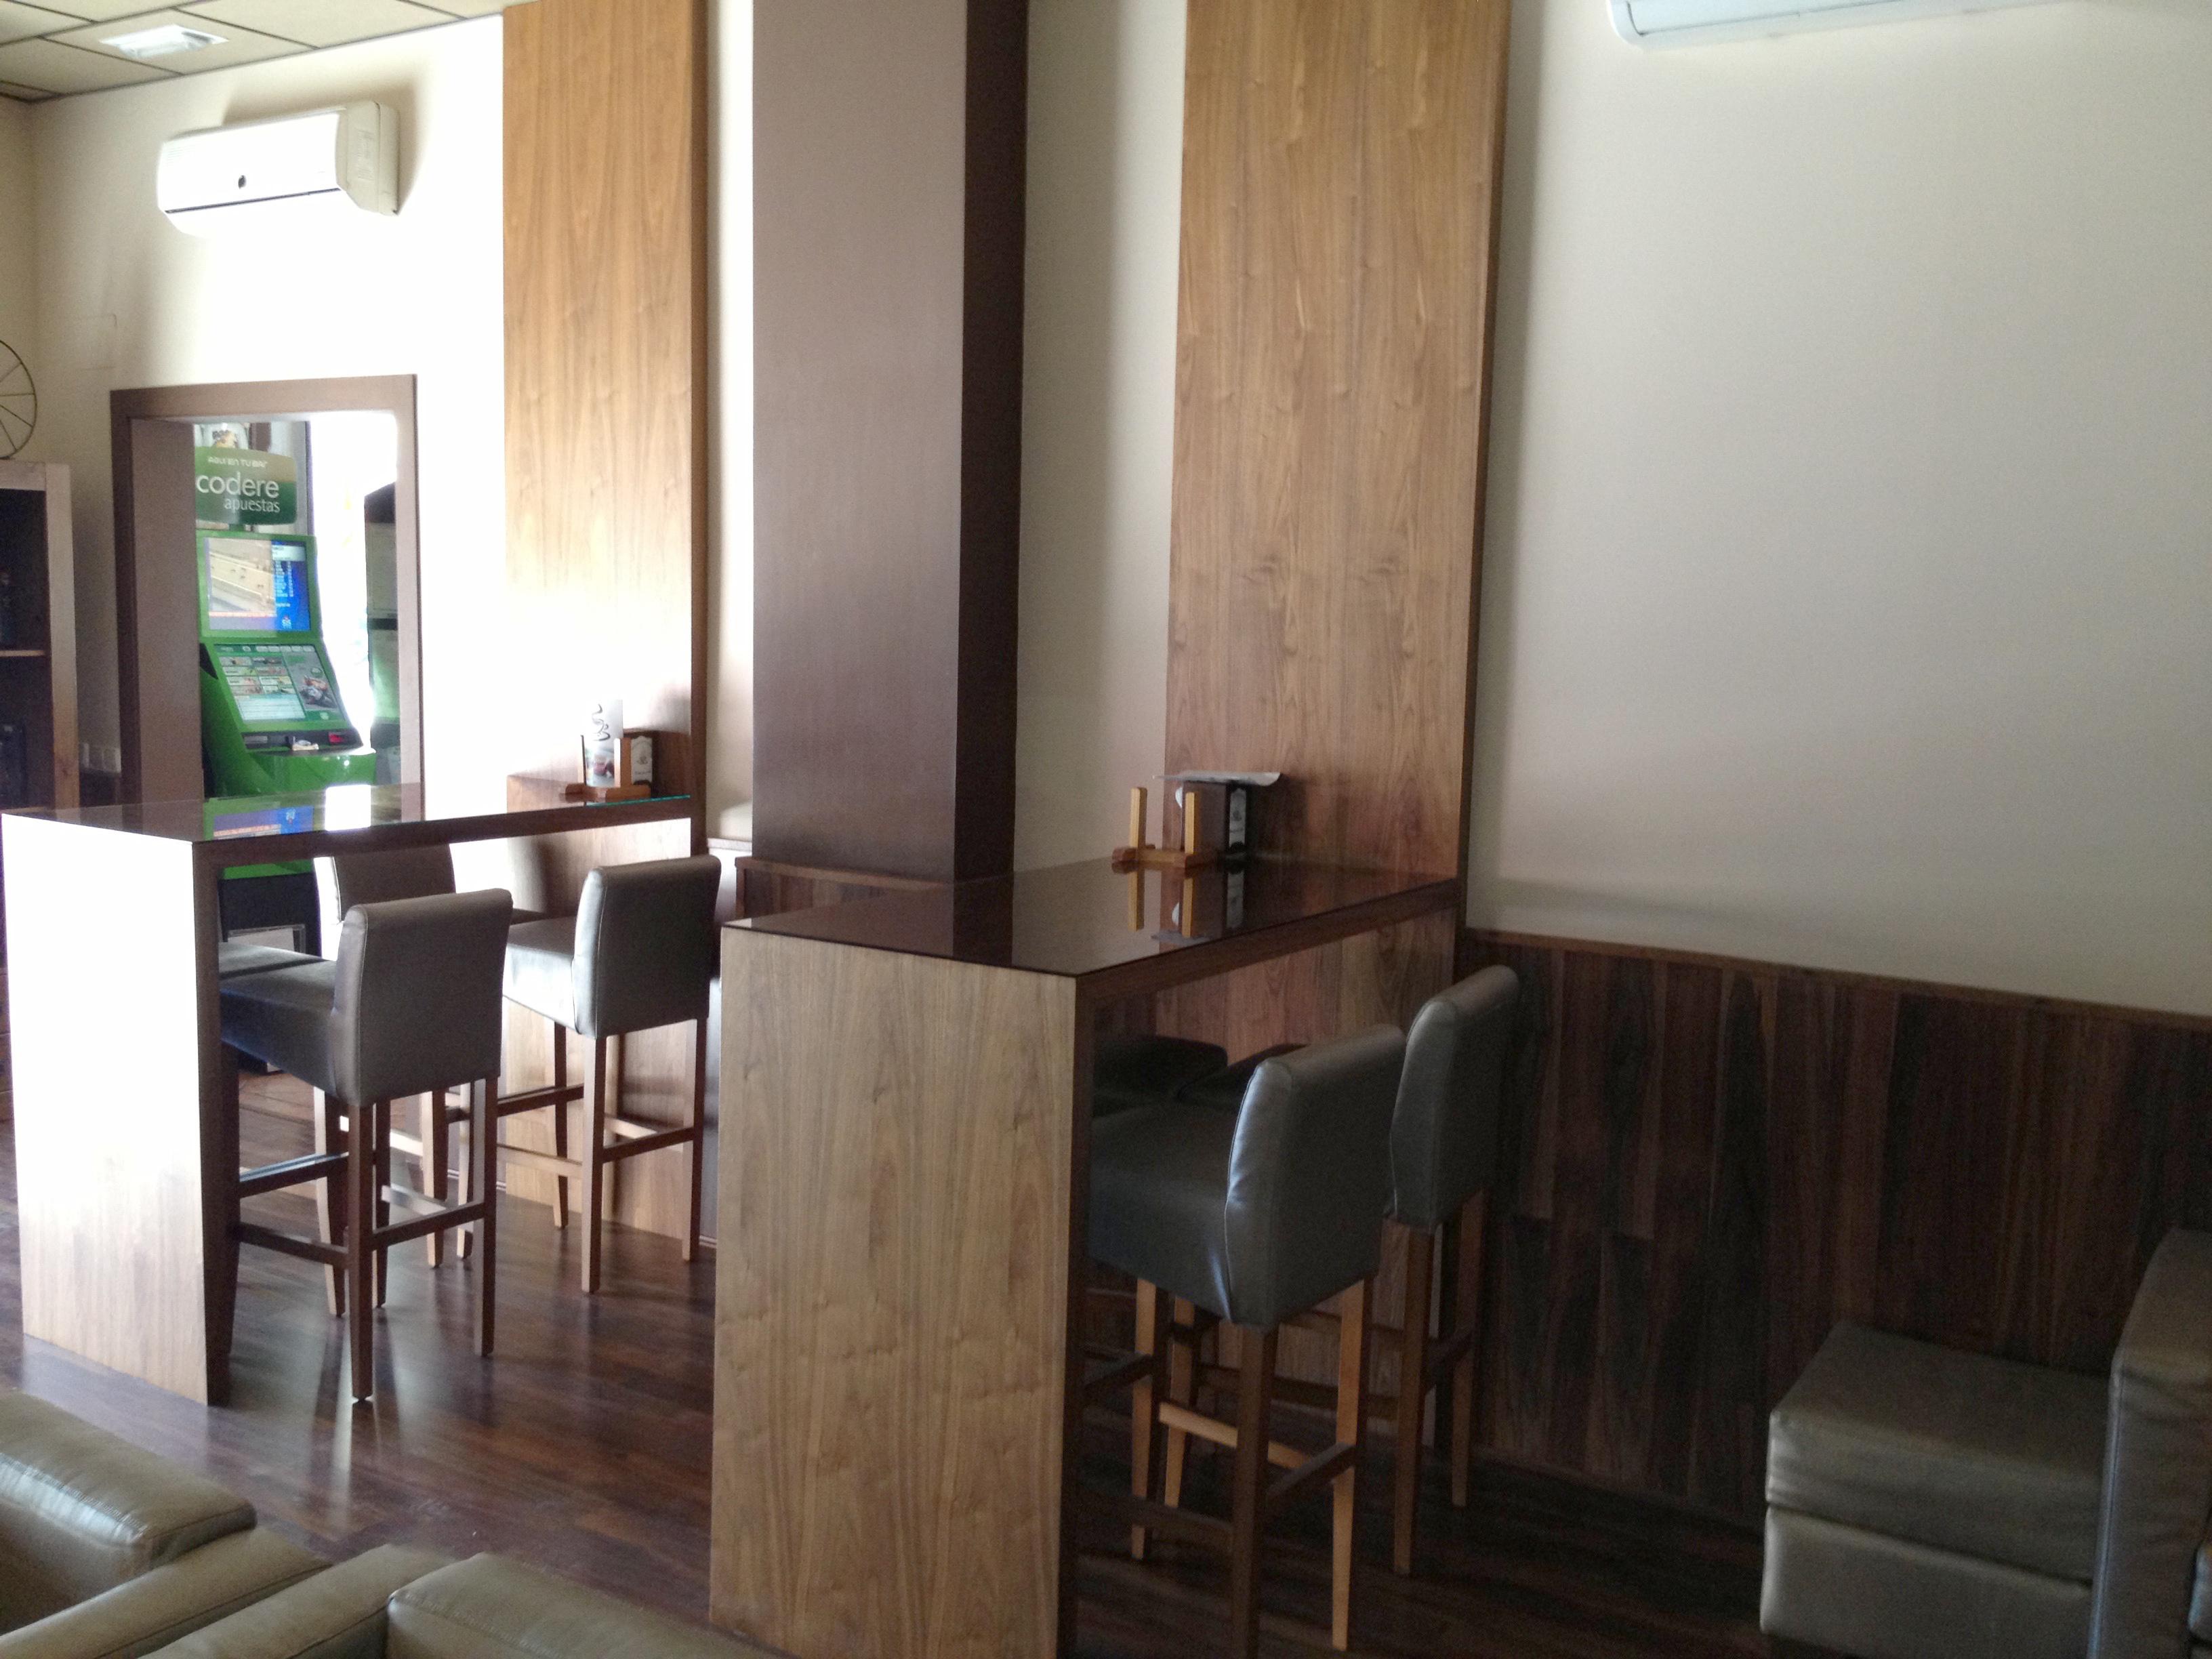 Decoracion de interiores valencia top estilo mediterrneo - Proyectos decoracion interiores ...